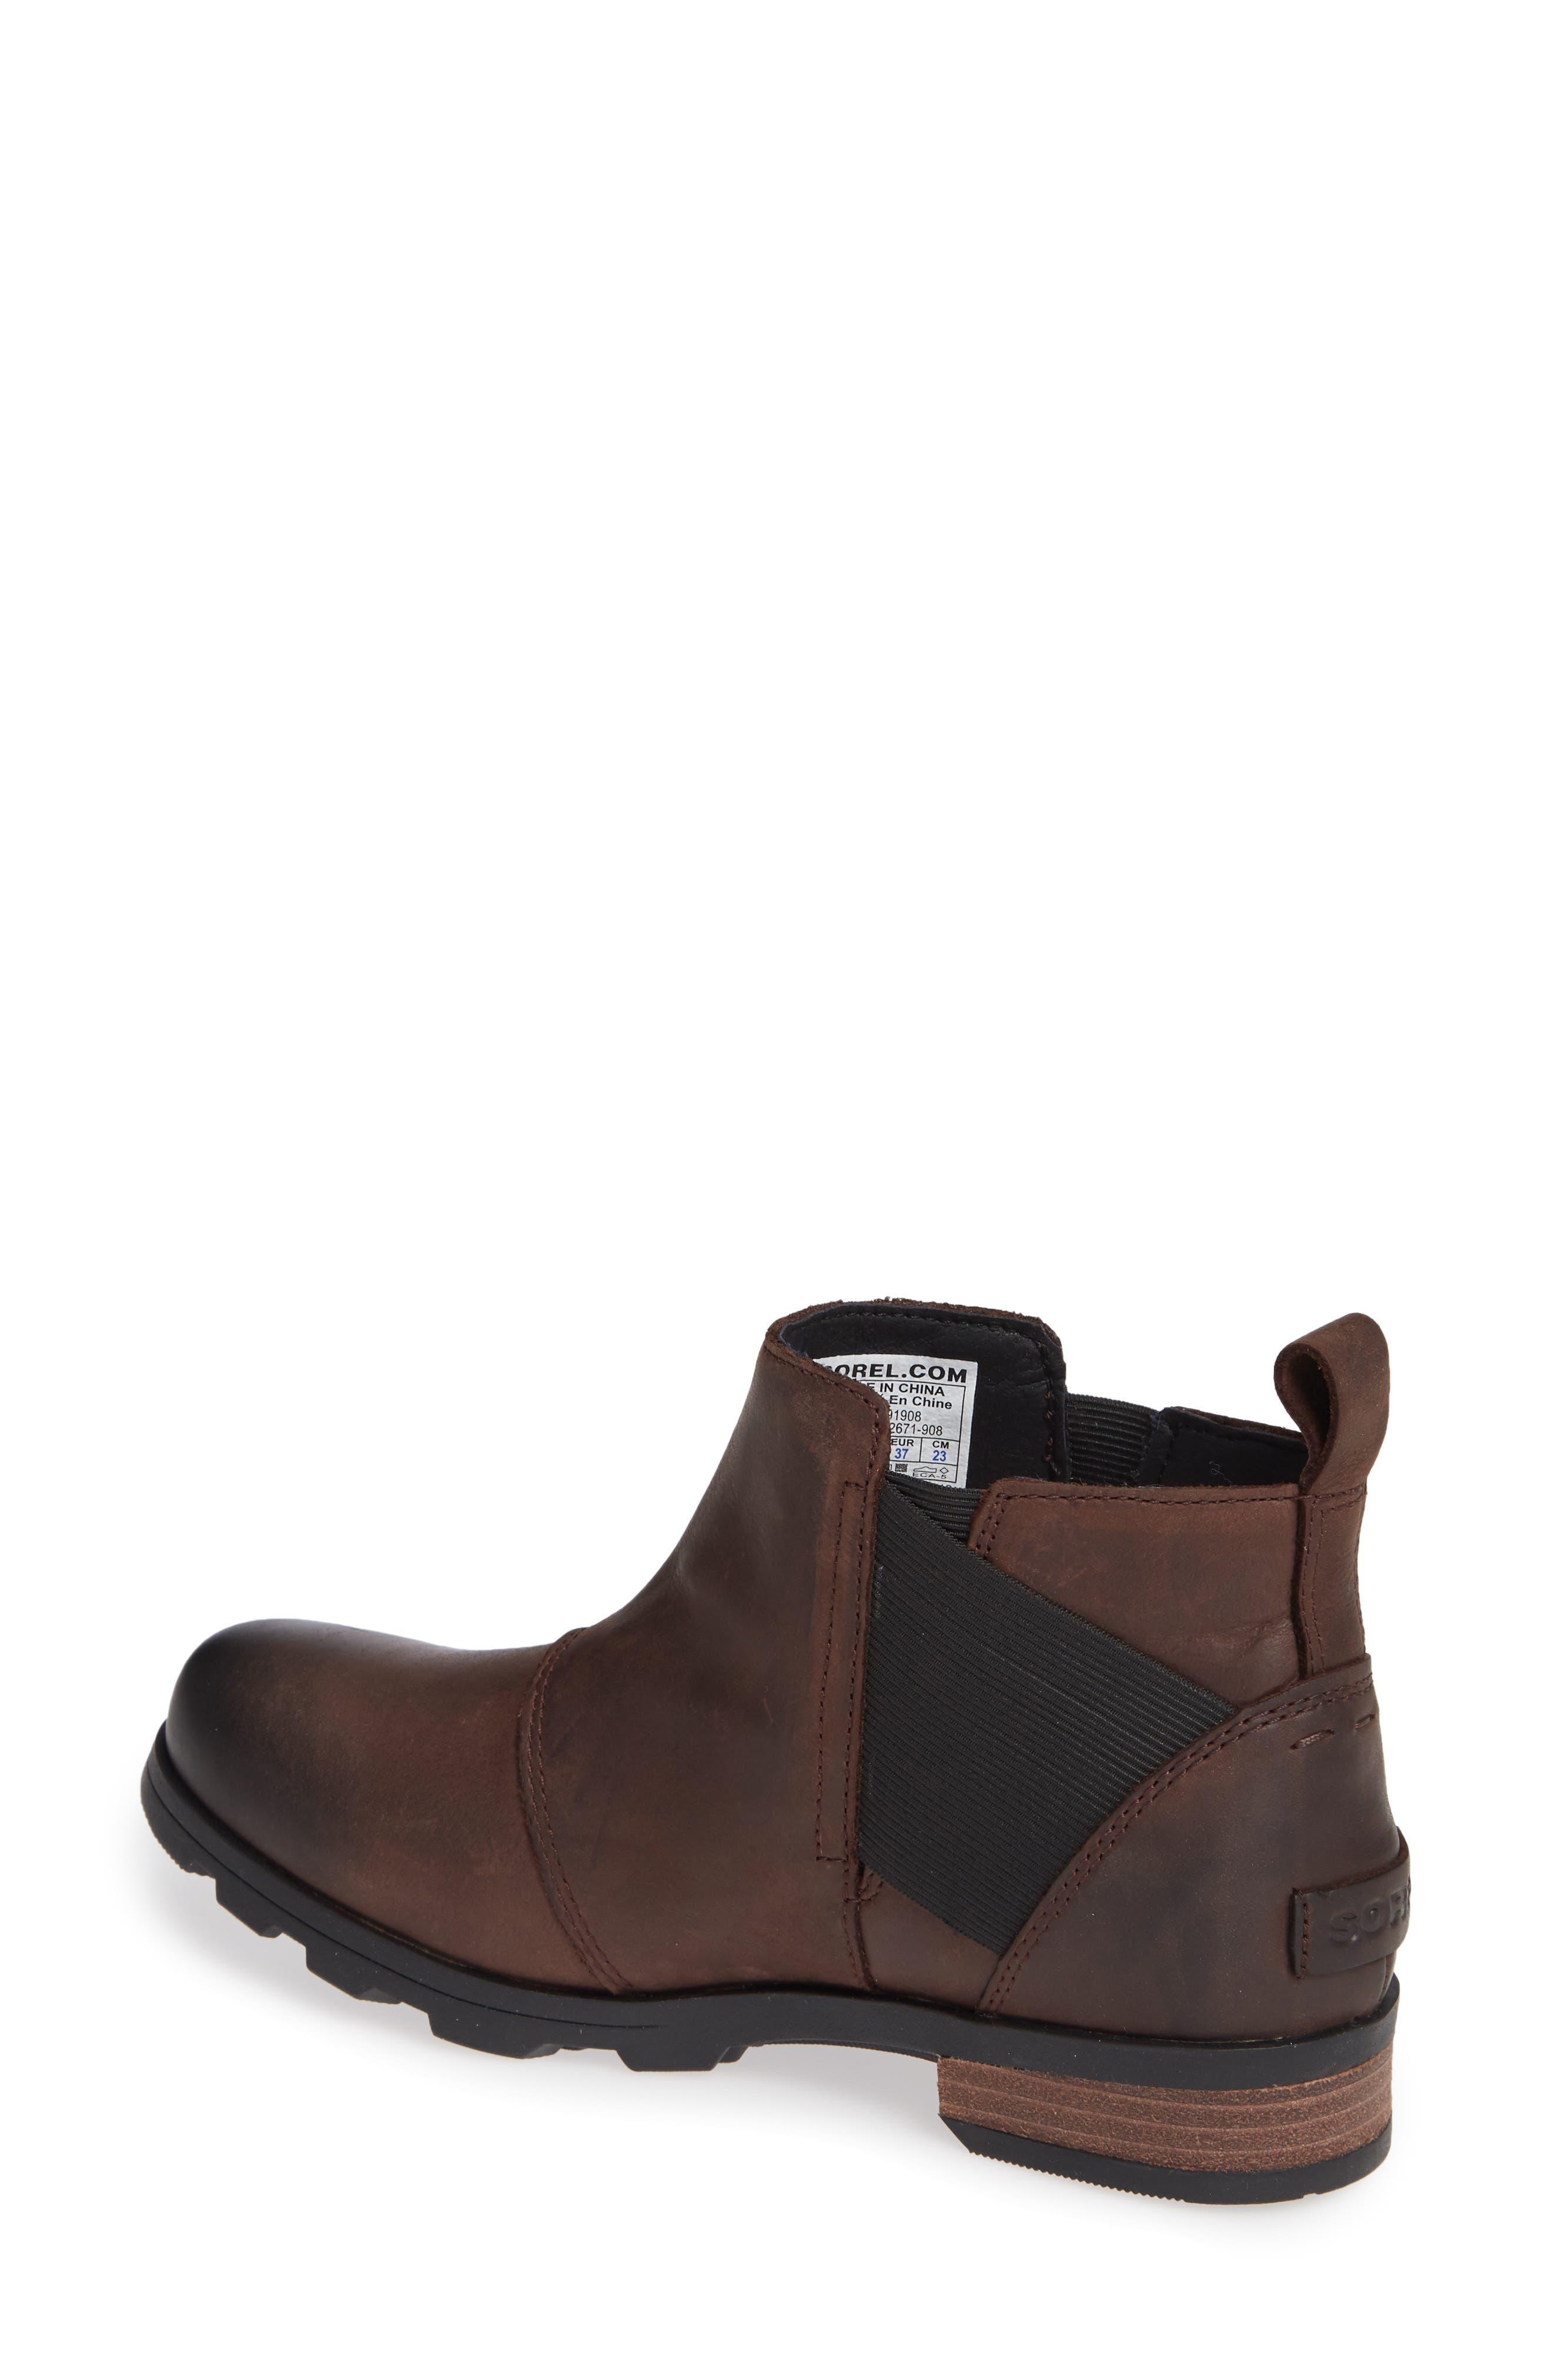 Emelie Waterproof Chelsea Boot,                             Alternate thumbnail 6, color,